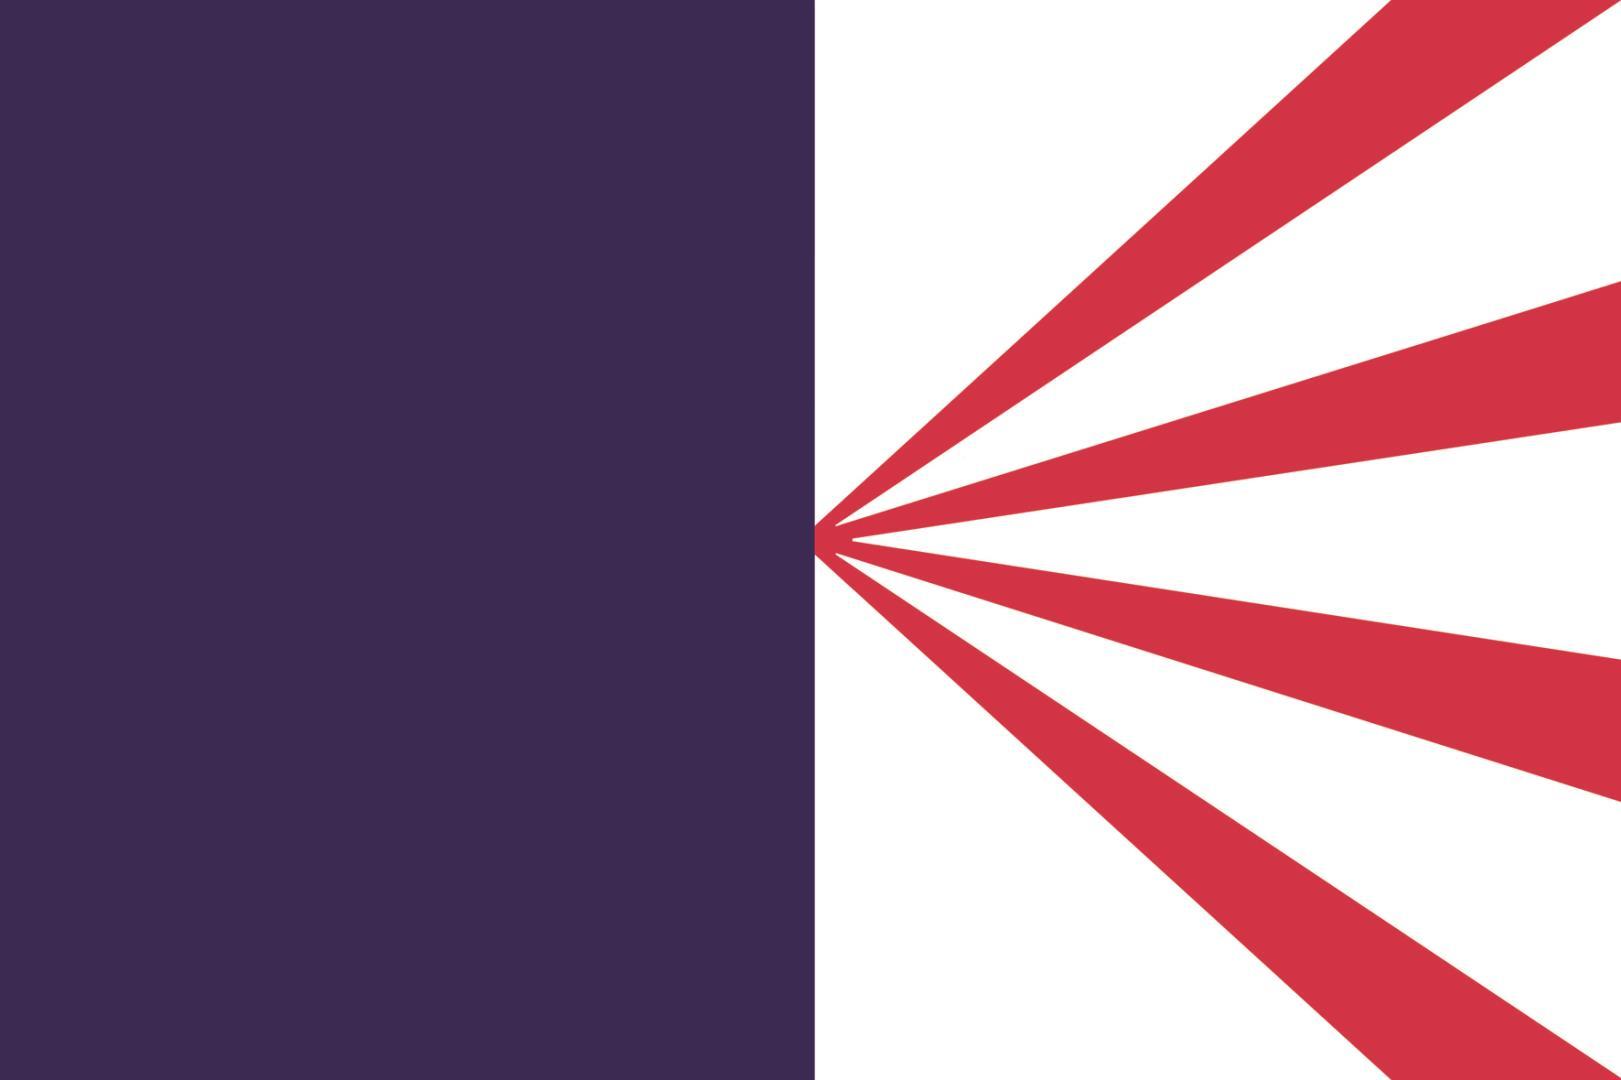 Association - SOCIÉTÉ NATIONALE POUR LE PATRIMOINE DES PHARES ET BALISES